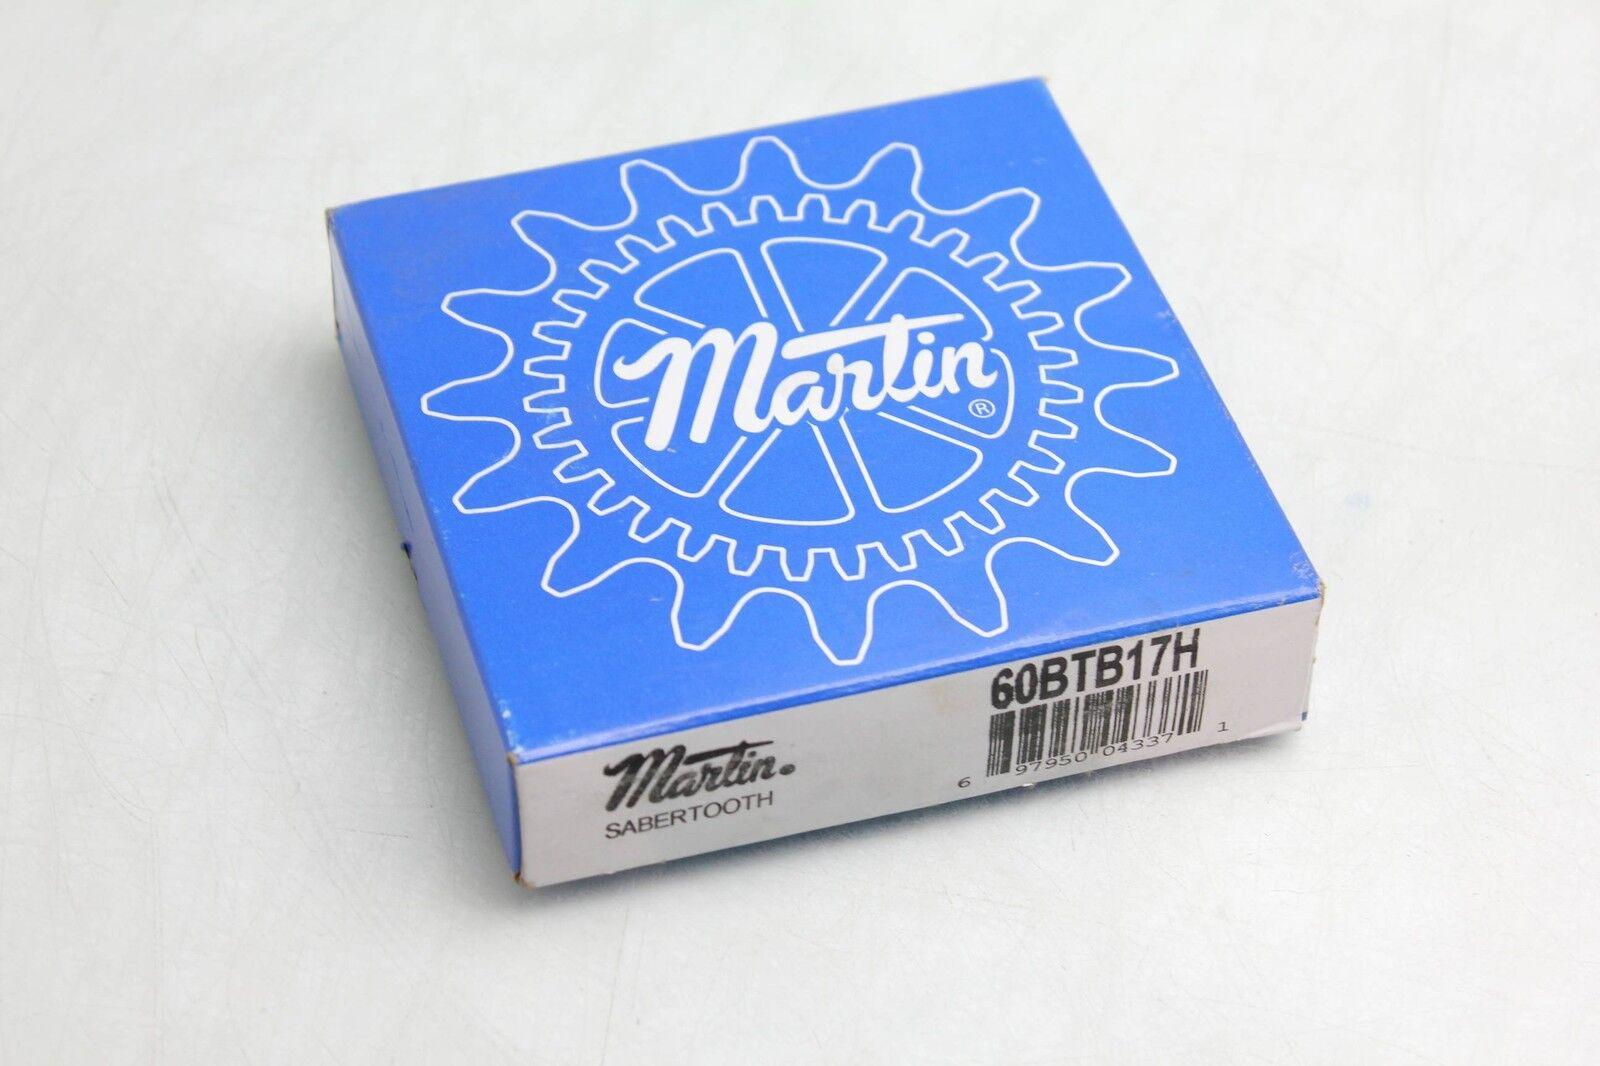 Neuf Martin 60BTB17H Pignon 17 Bague Trempé pour Bague 17 1610 #60 Dents 4842ba